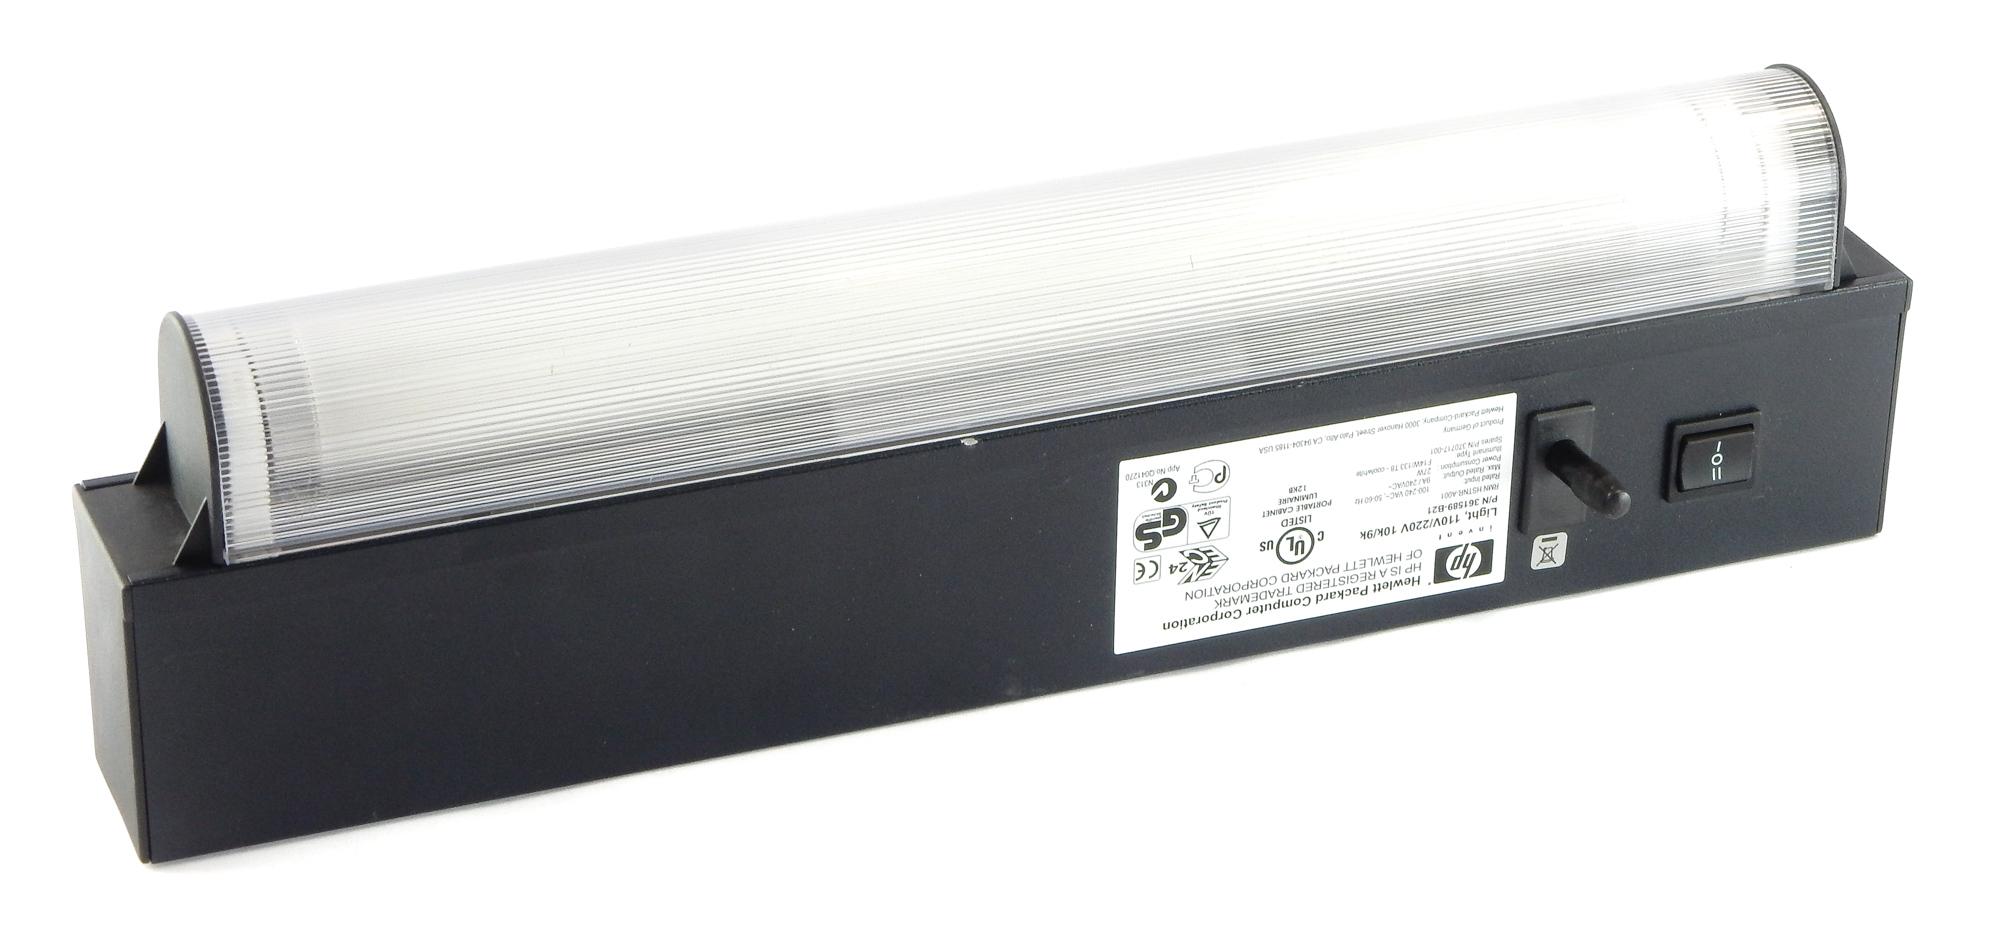 HP 361589-B21 Flourescent Light Kit for 10000 Series Rack